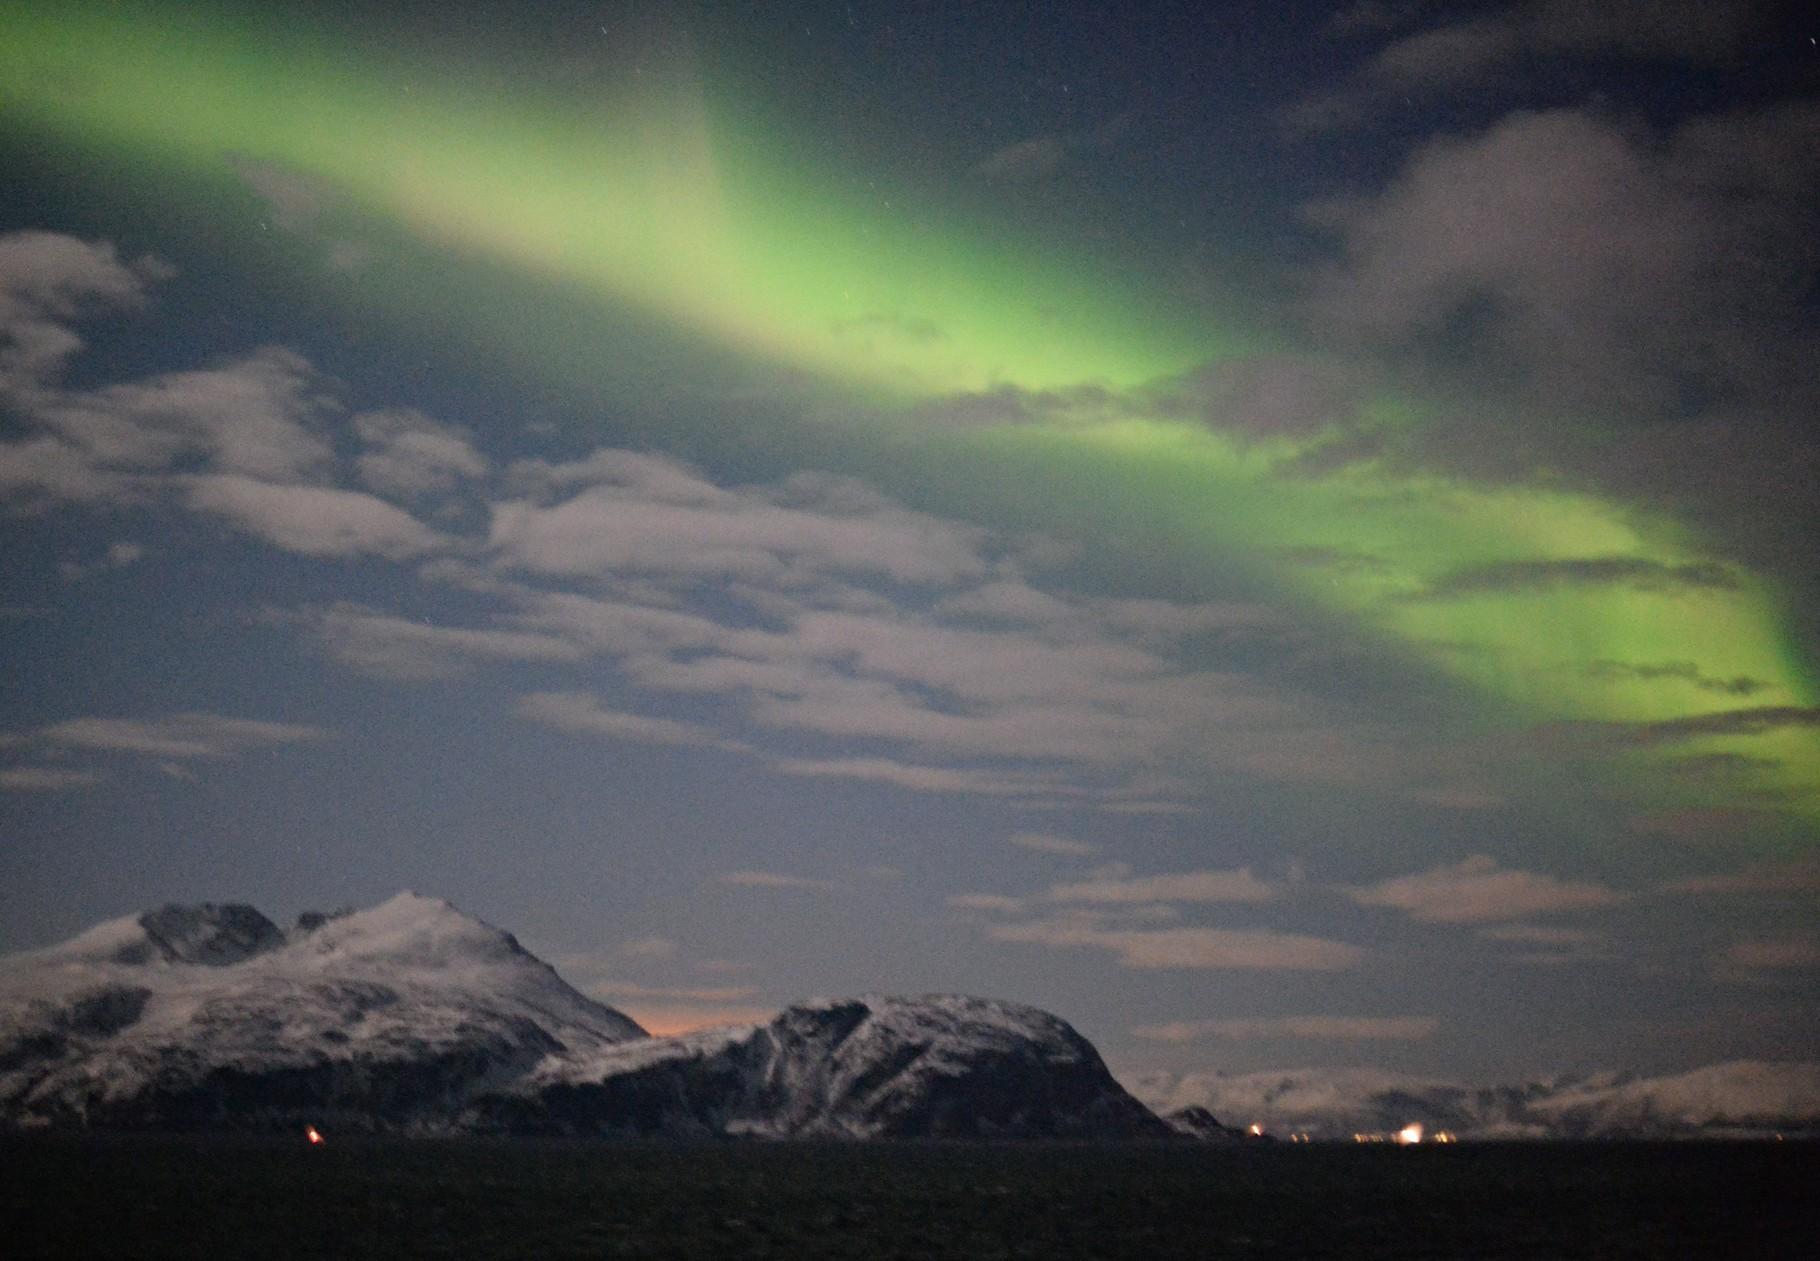 Bild 10-187 - Das Polarlicht (als Nordlicht) am Nordpol - wissenschaftlich Aurora borealis